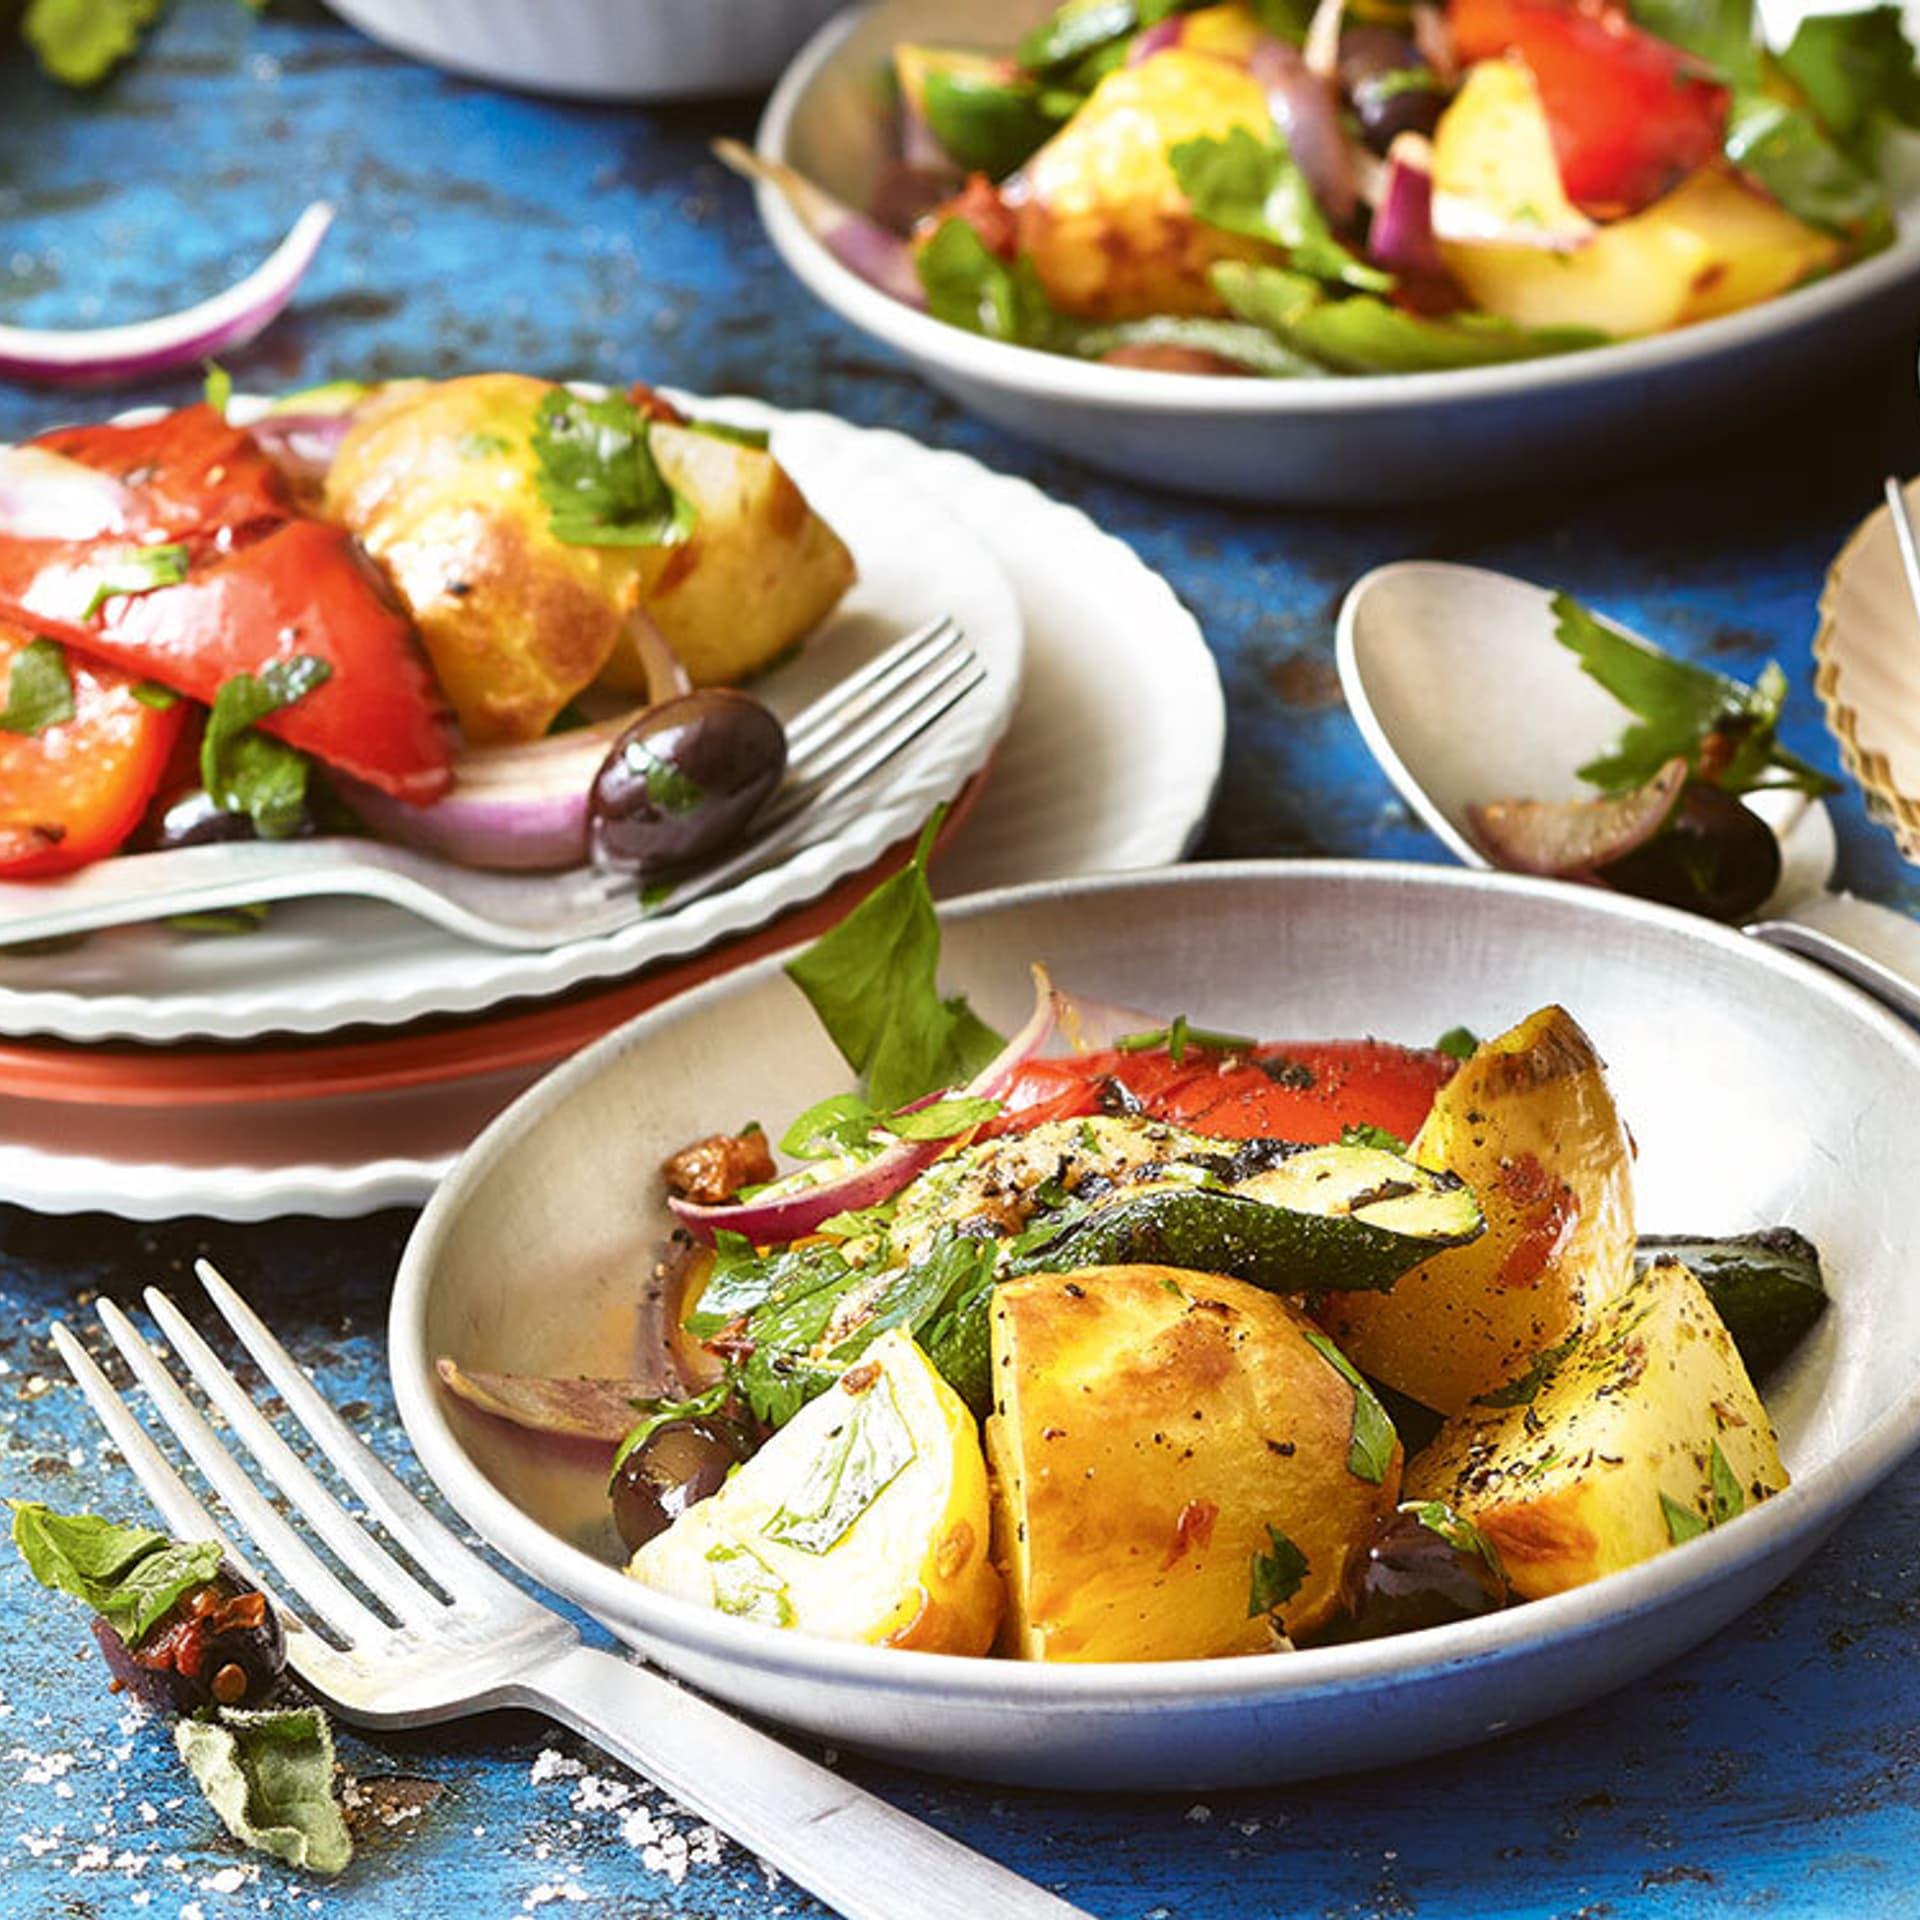 Grillsalat auf Tellern